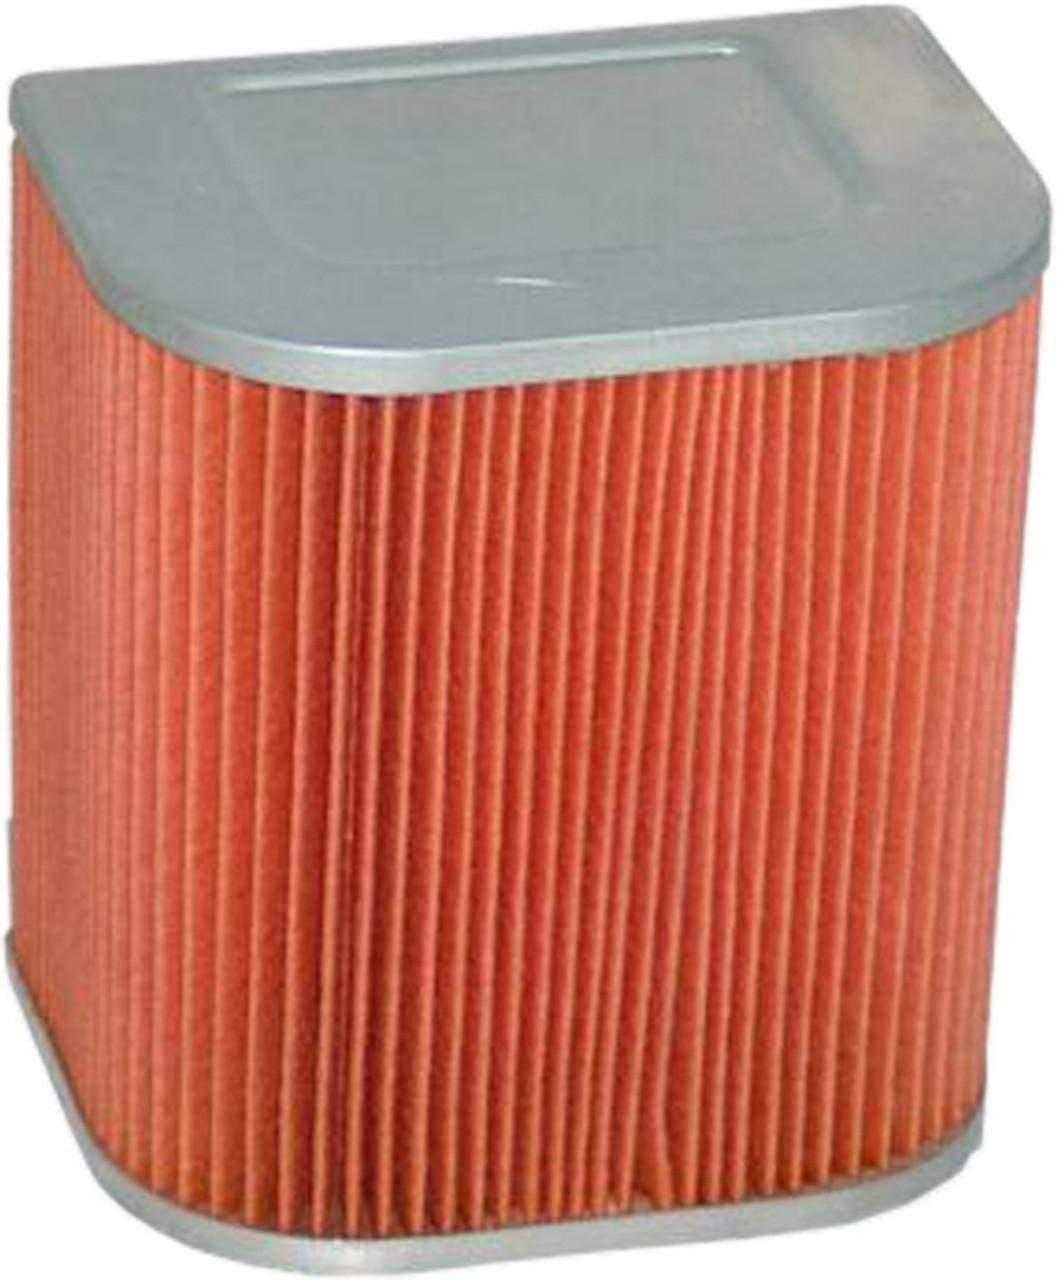 Hiflo Filtre à Air Air Filtre Hiflo hfa3704